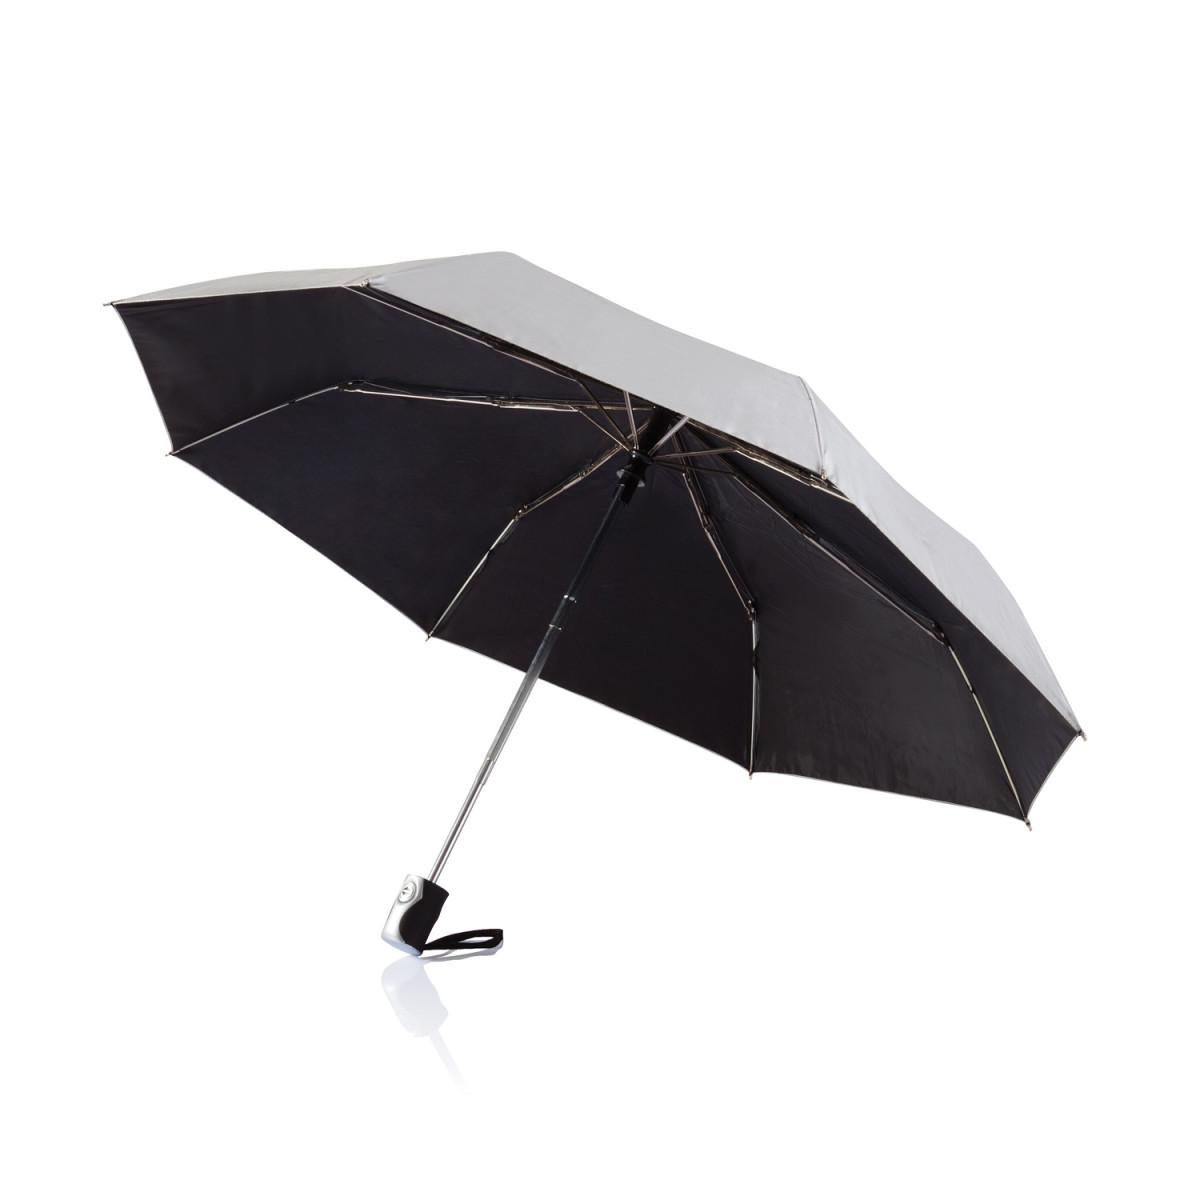 Складной зонт-автомат Deluxe 21,5,серебряный